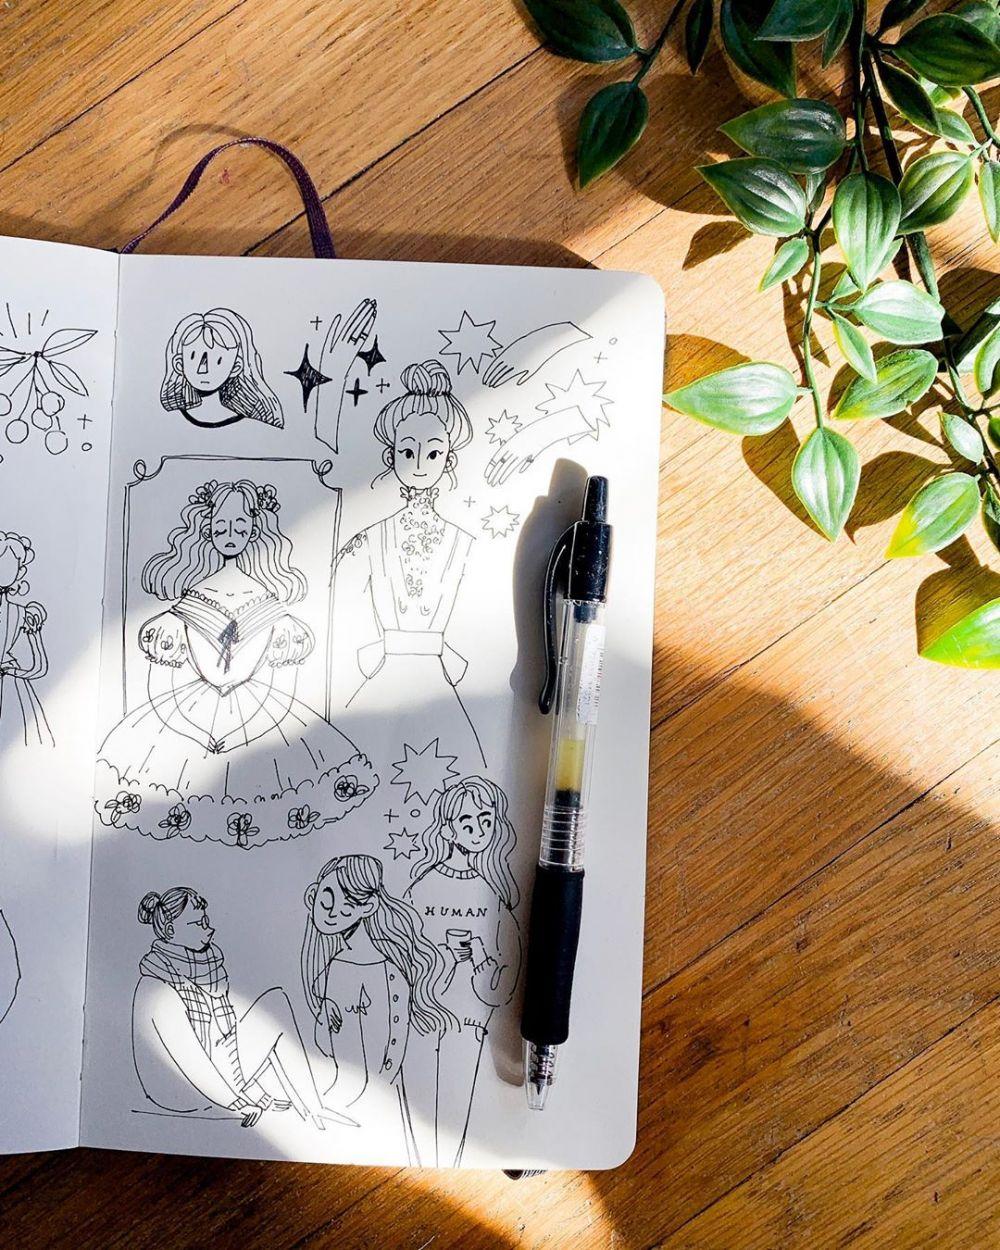 Memilih Buku Sketsa dan Kertas Gambar ada Tipsnya Memilih Buku Sketsa dan Kertas Gambar ada Tipsnya